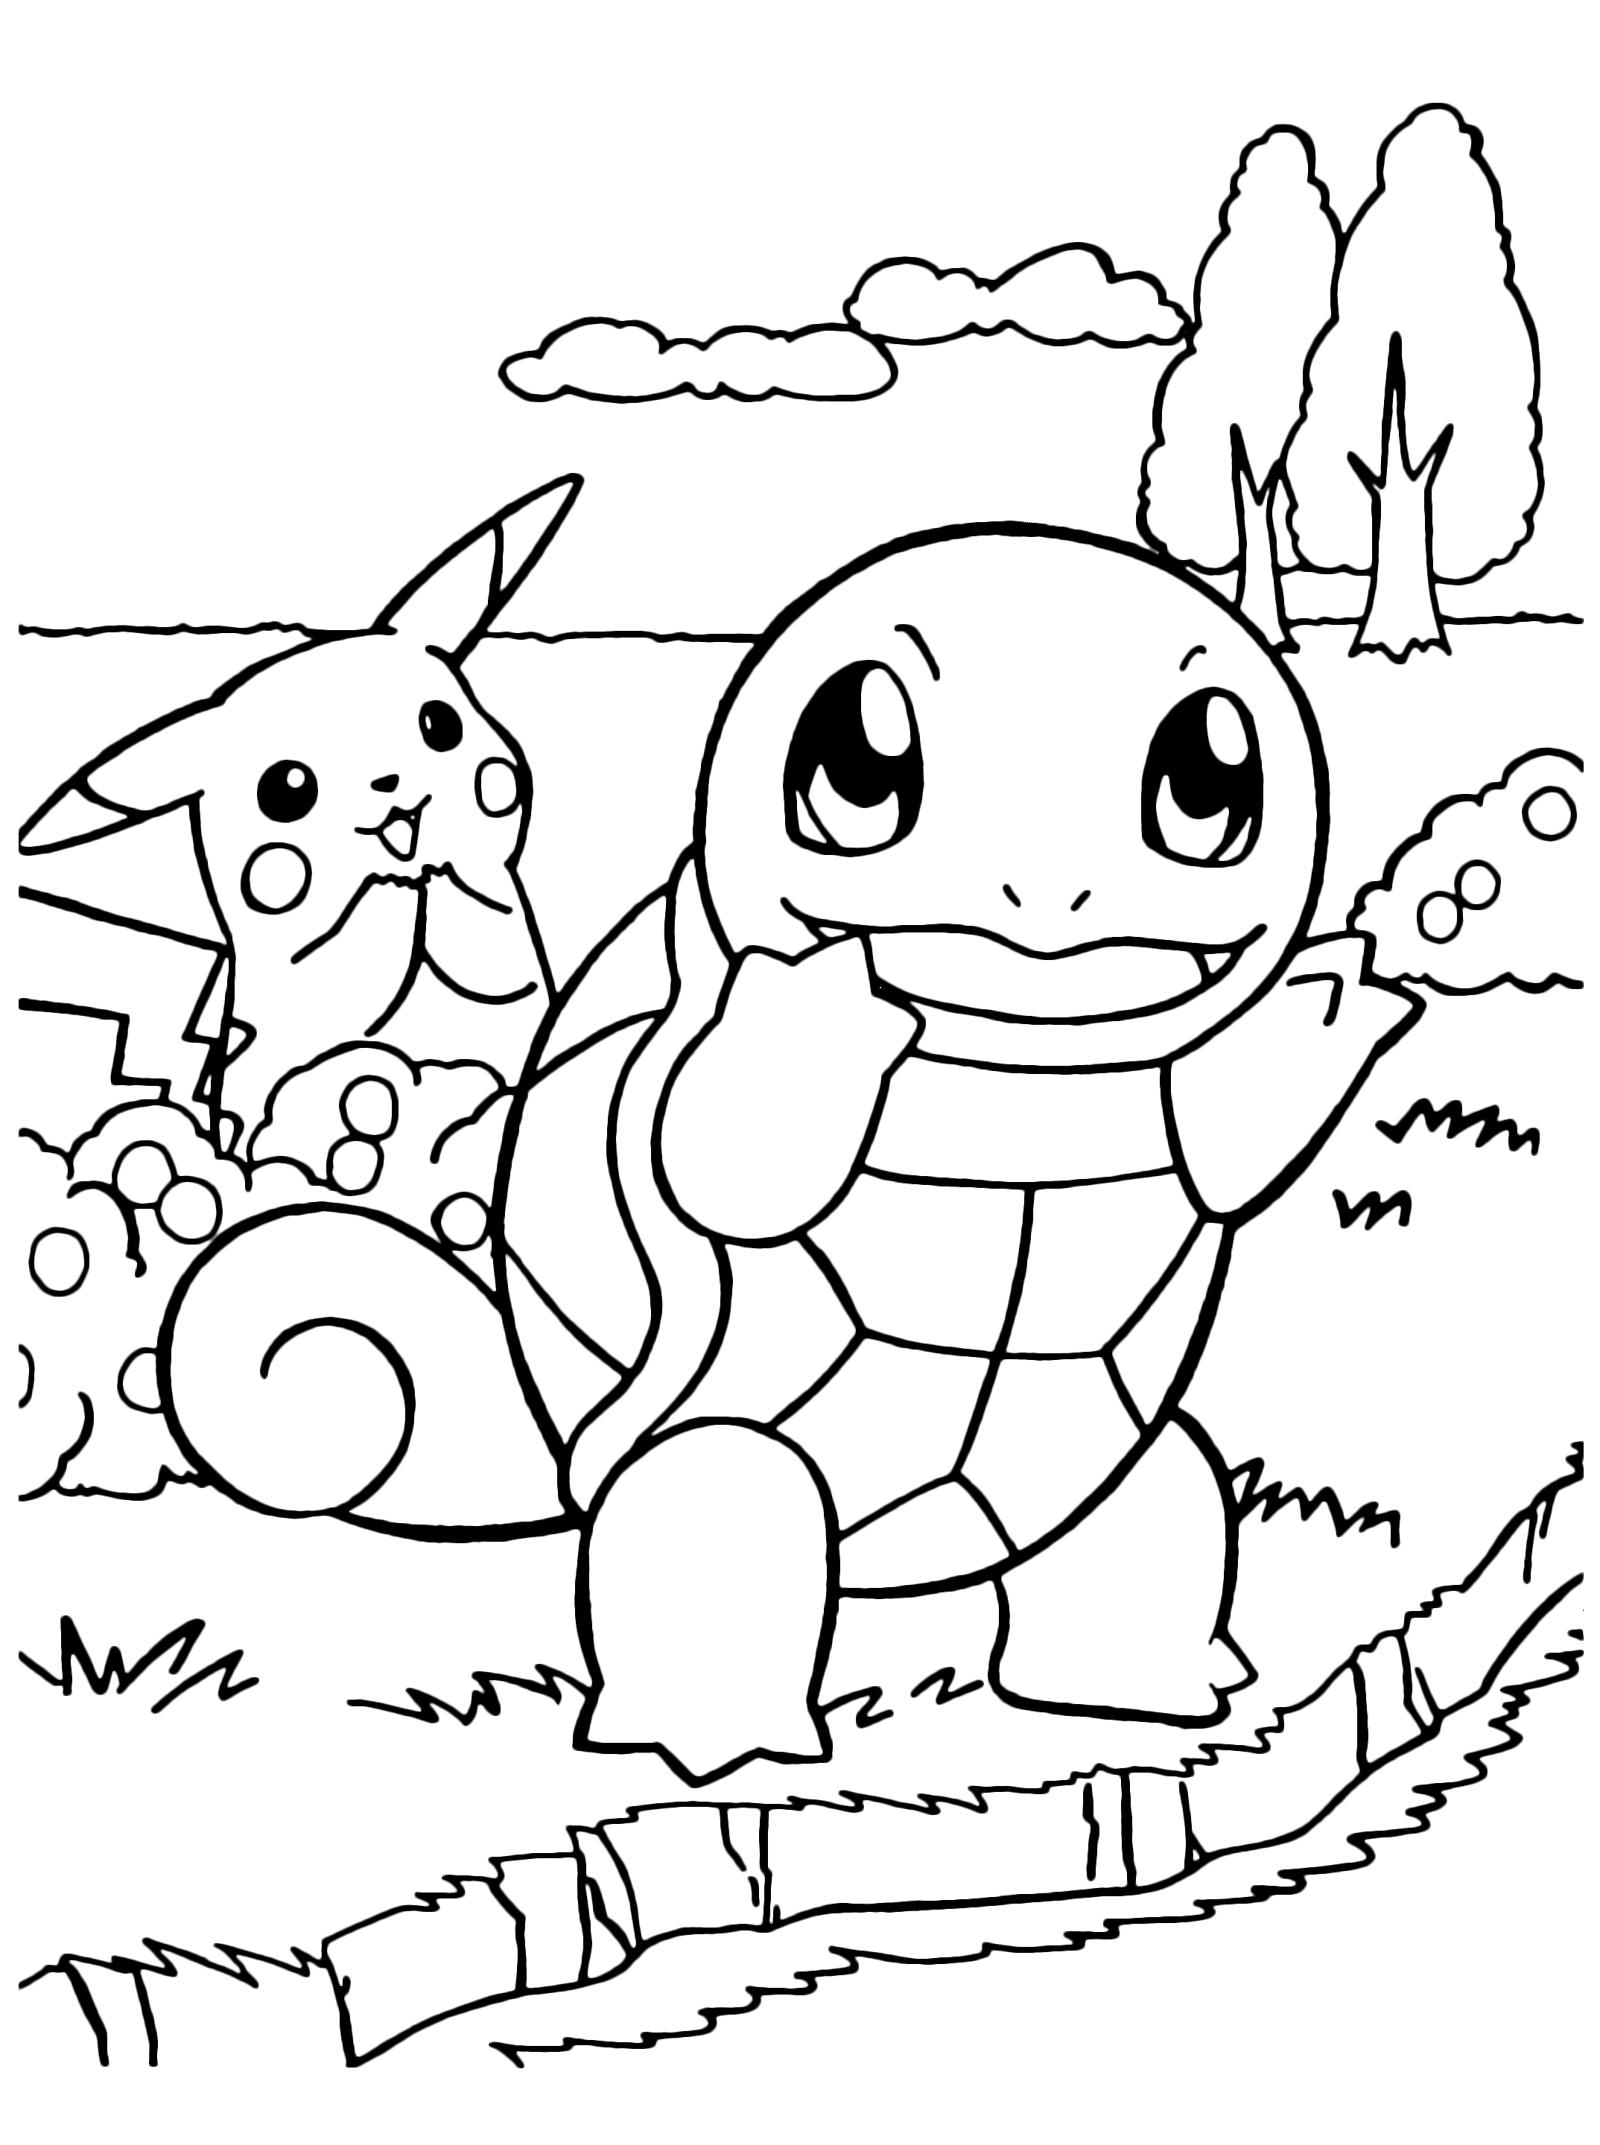 Pokémon Gen 1 Squirtle E Pikachu